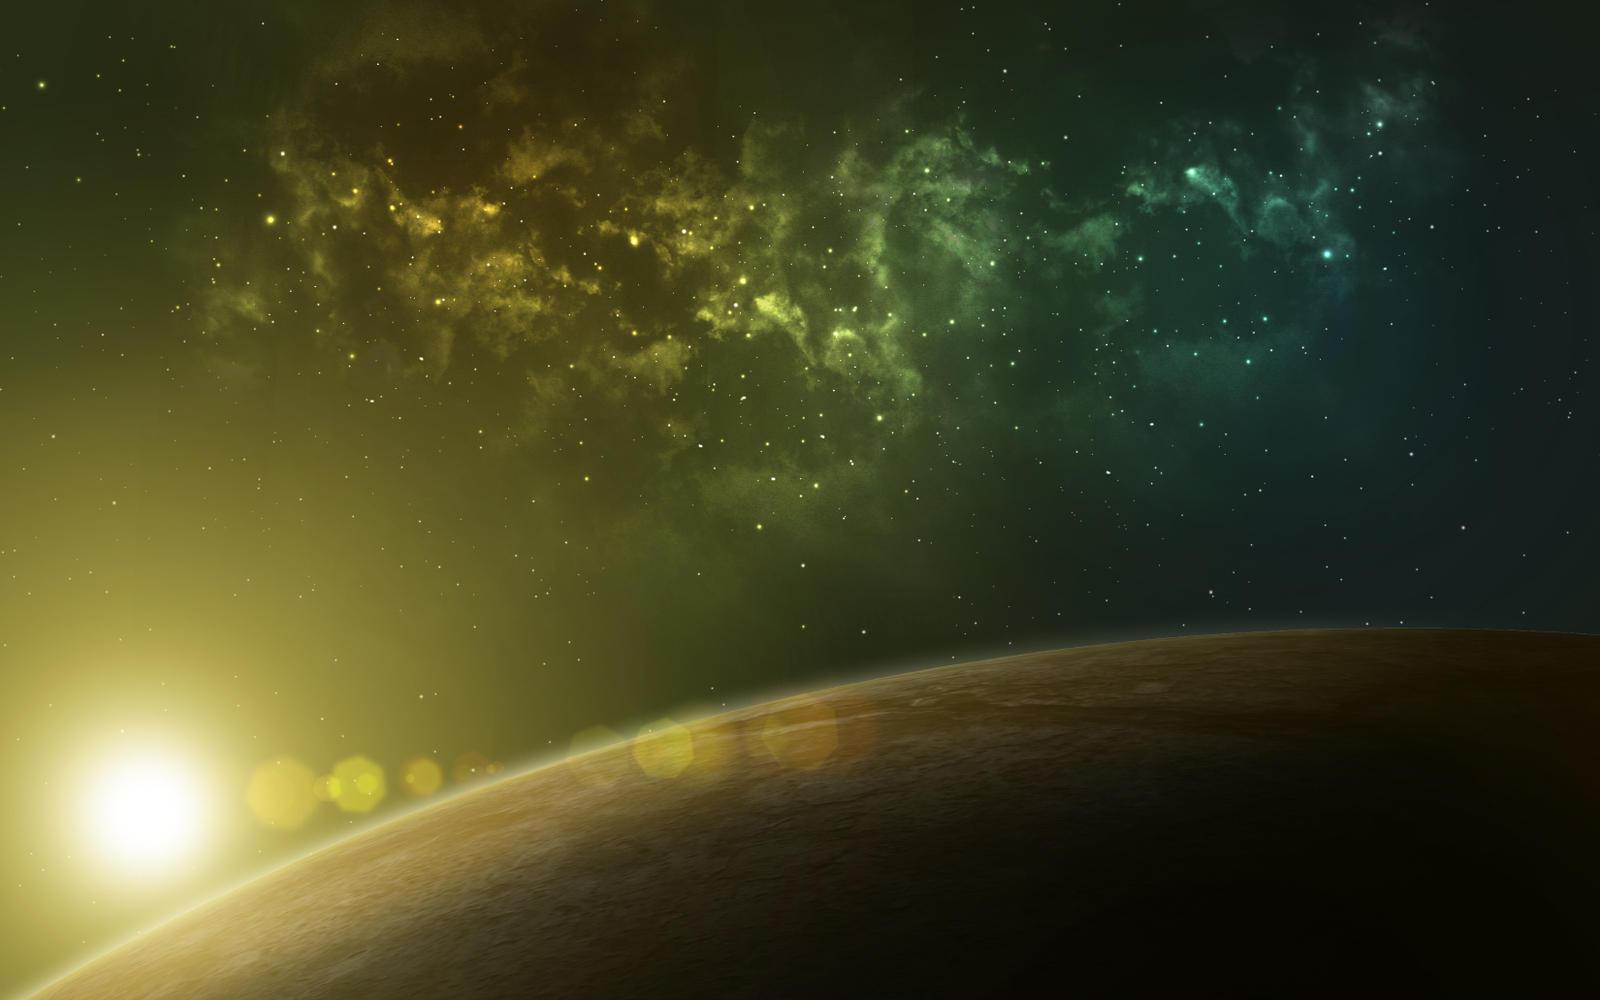 Distant nebula by DmitryEp18